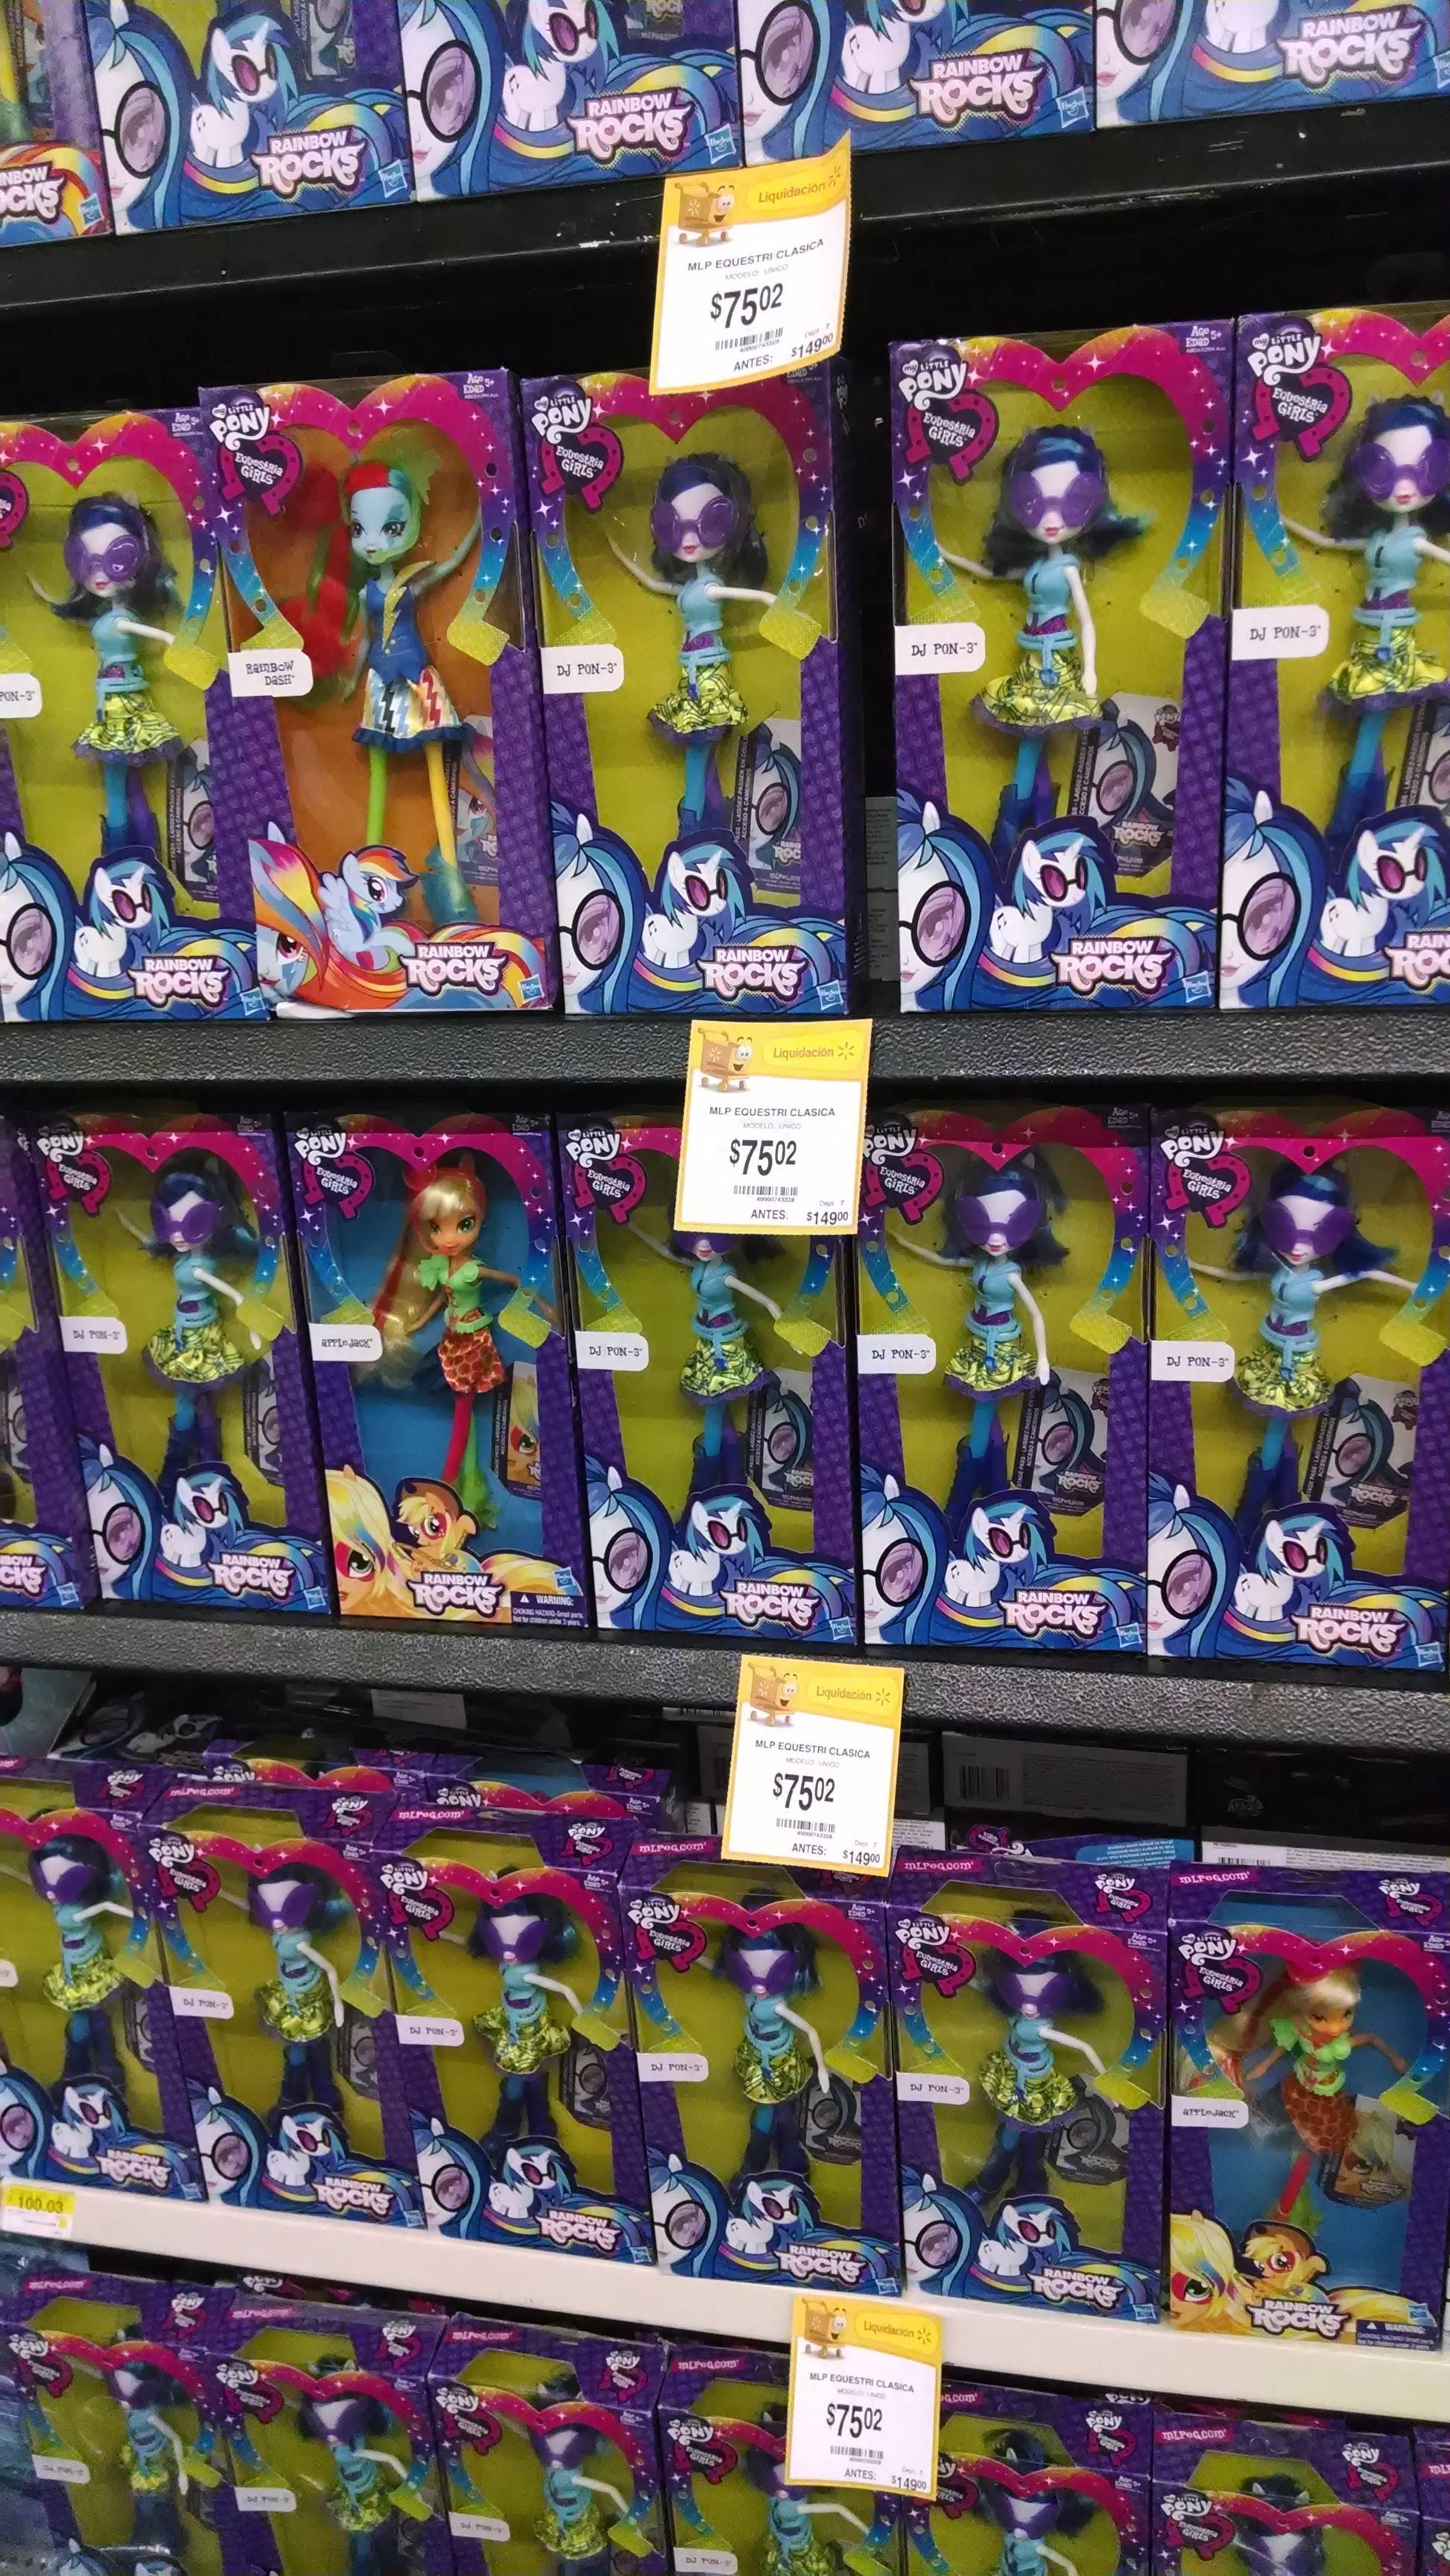 Walmart (Querétaro): Minisplit LG $4390.03 Cafetera HB Melitta Espresso $839.02, Cafetera Oster Gourmet $1049.02 y más